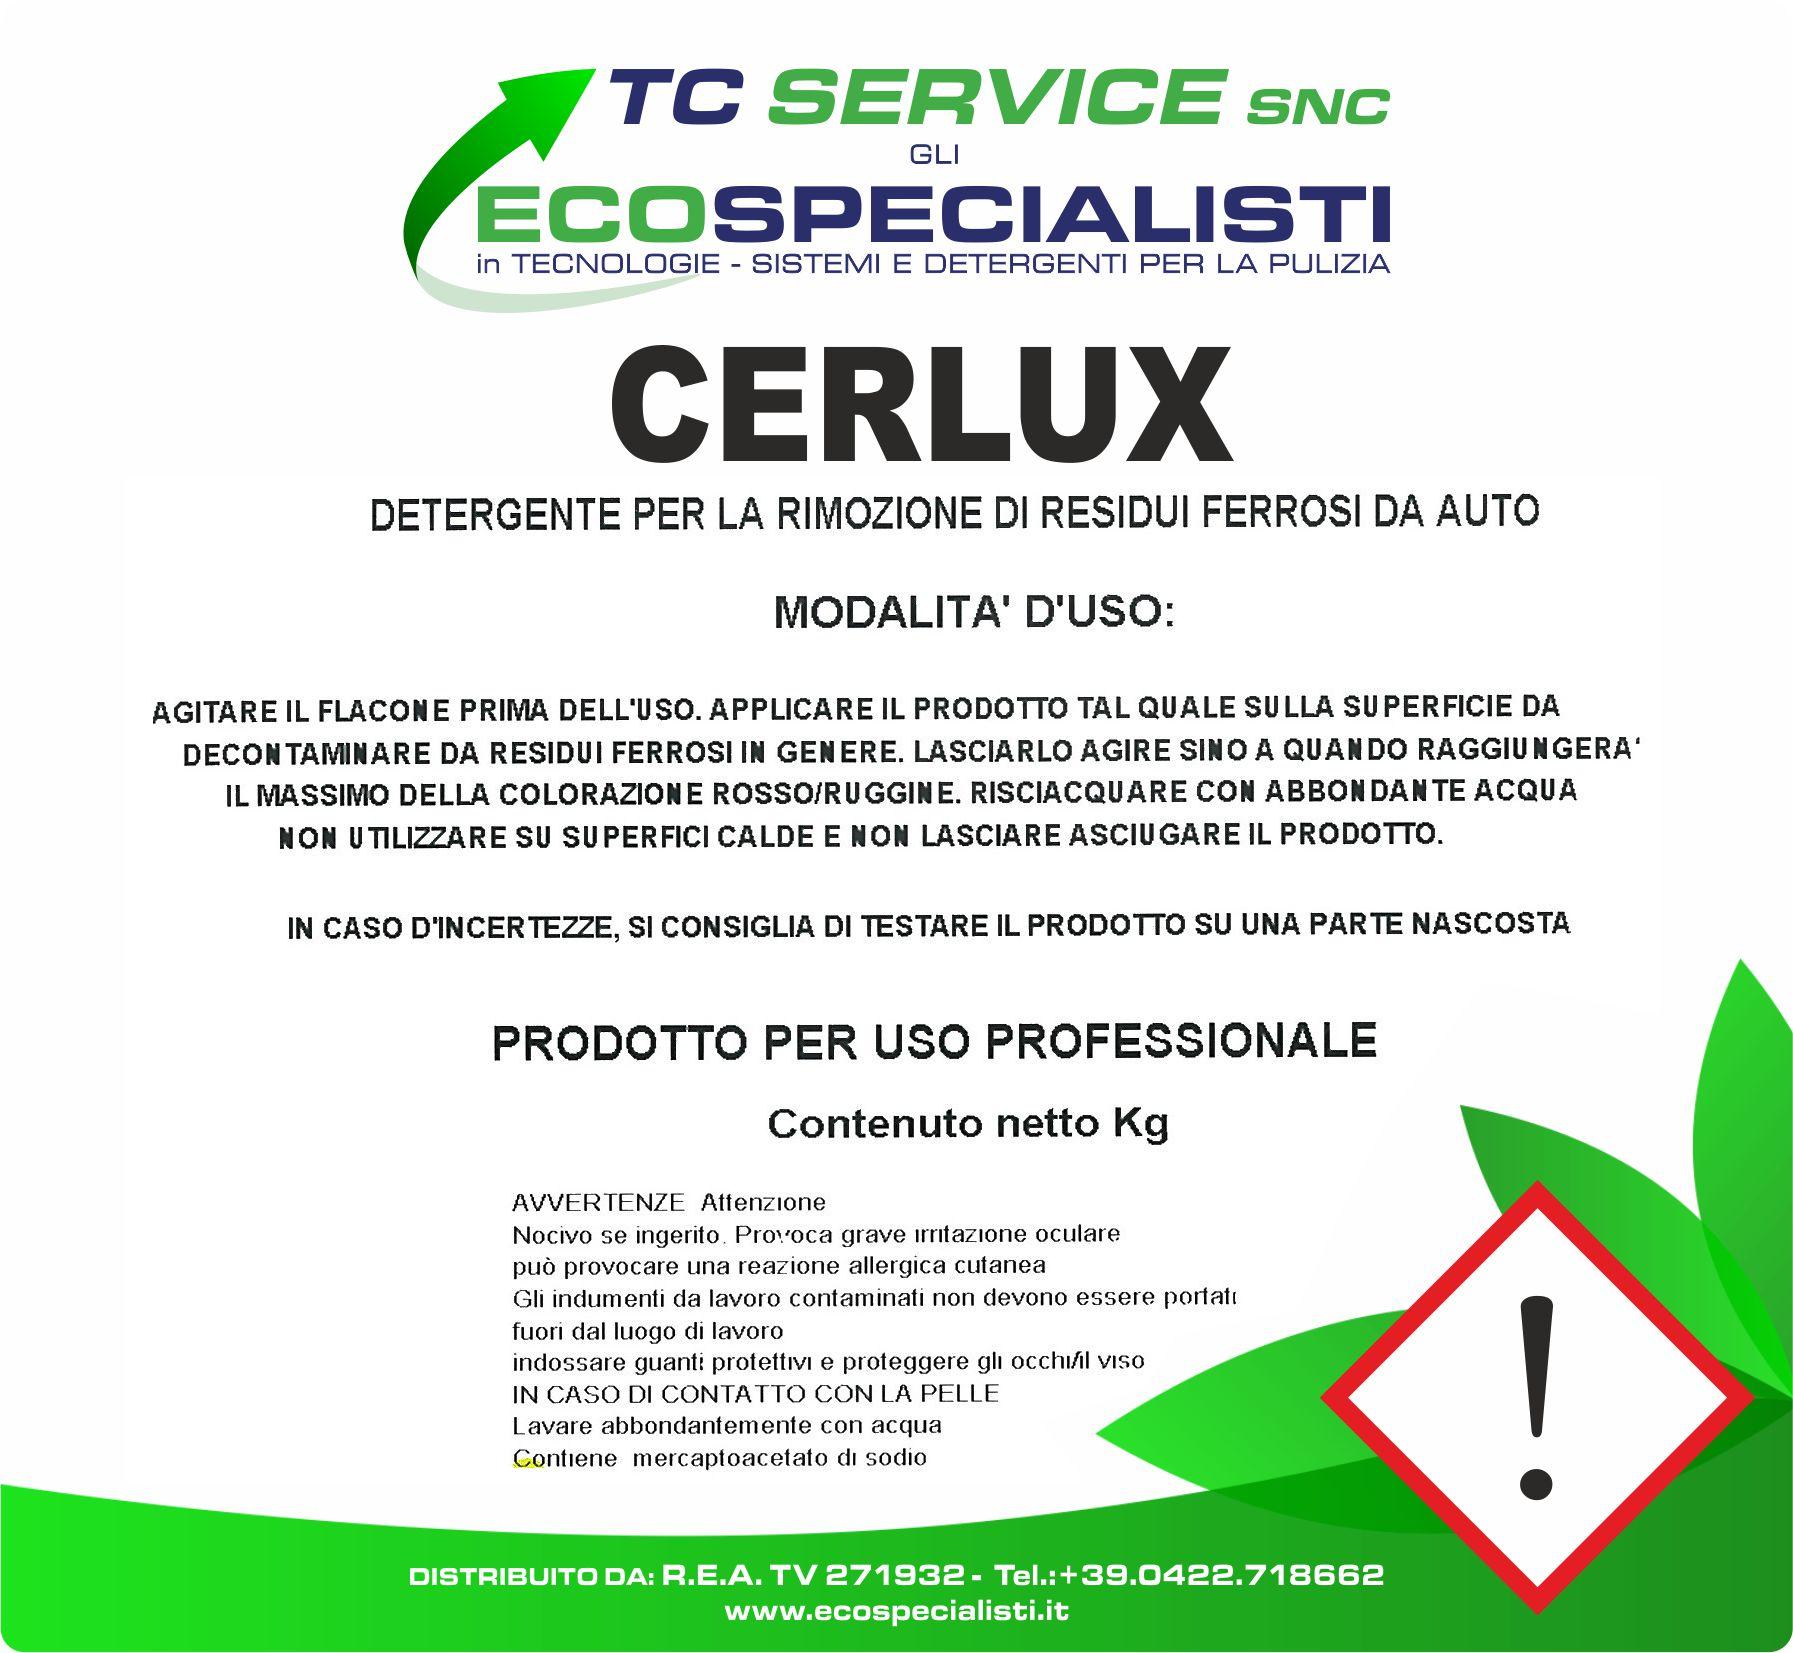 Cerlux